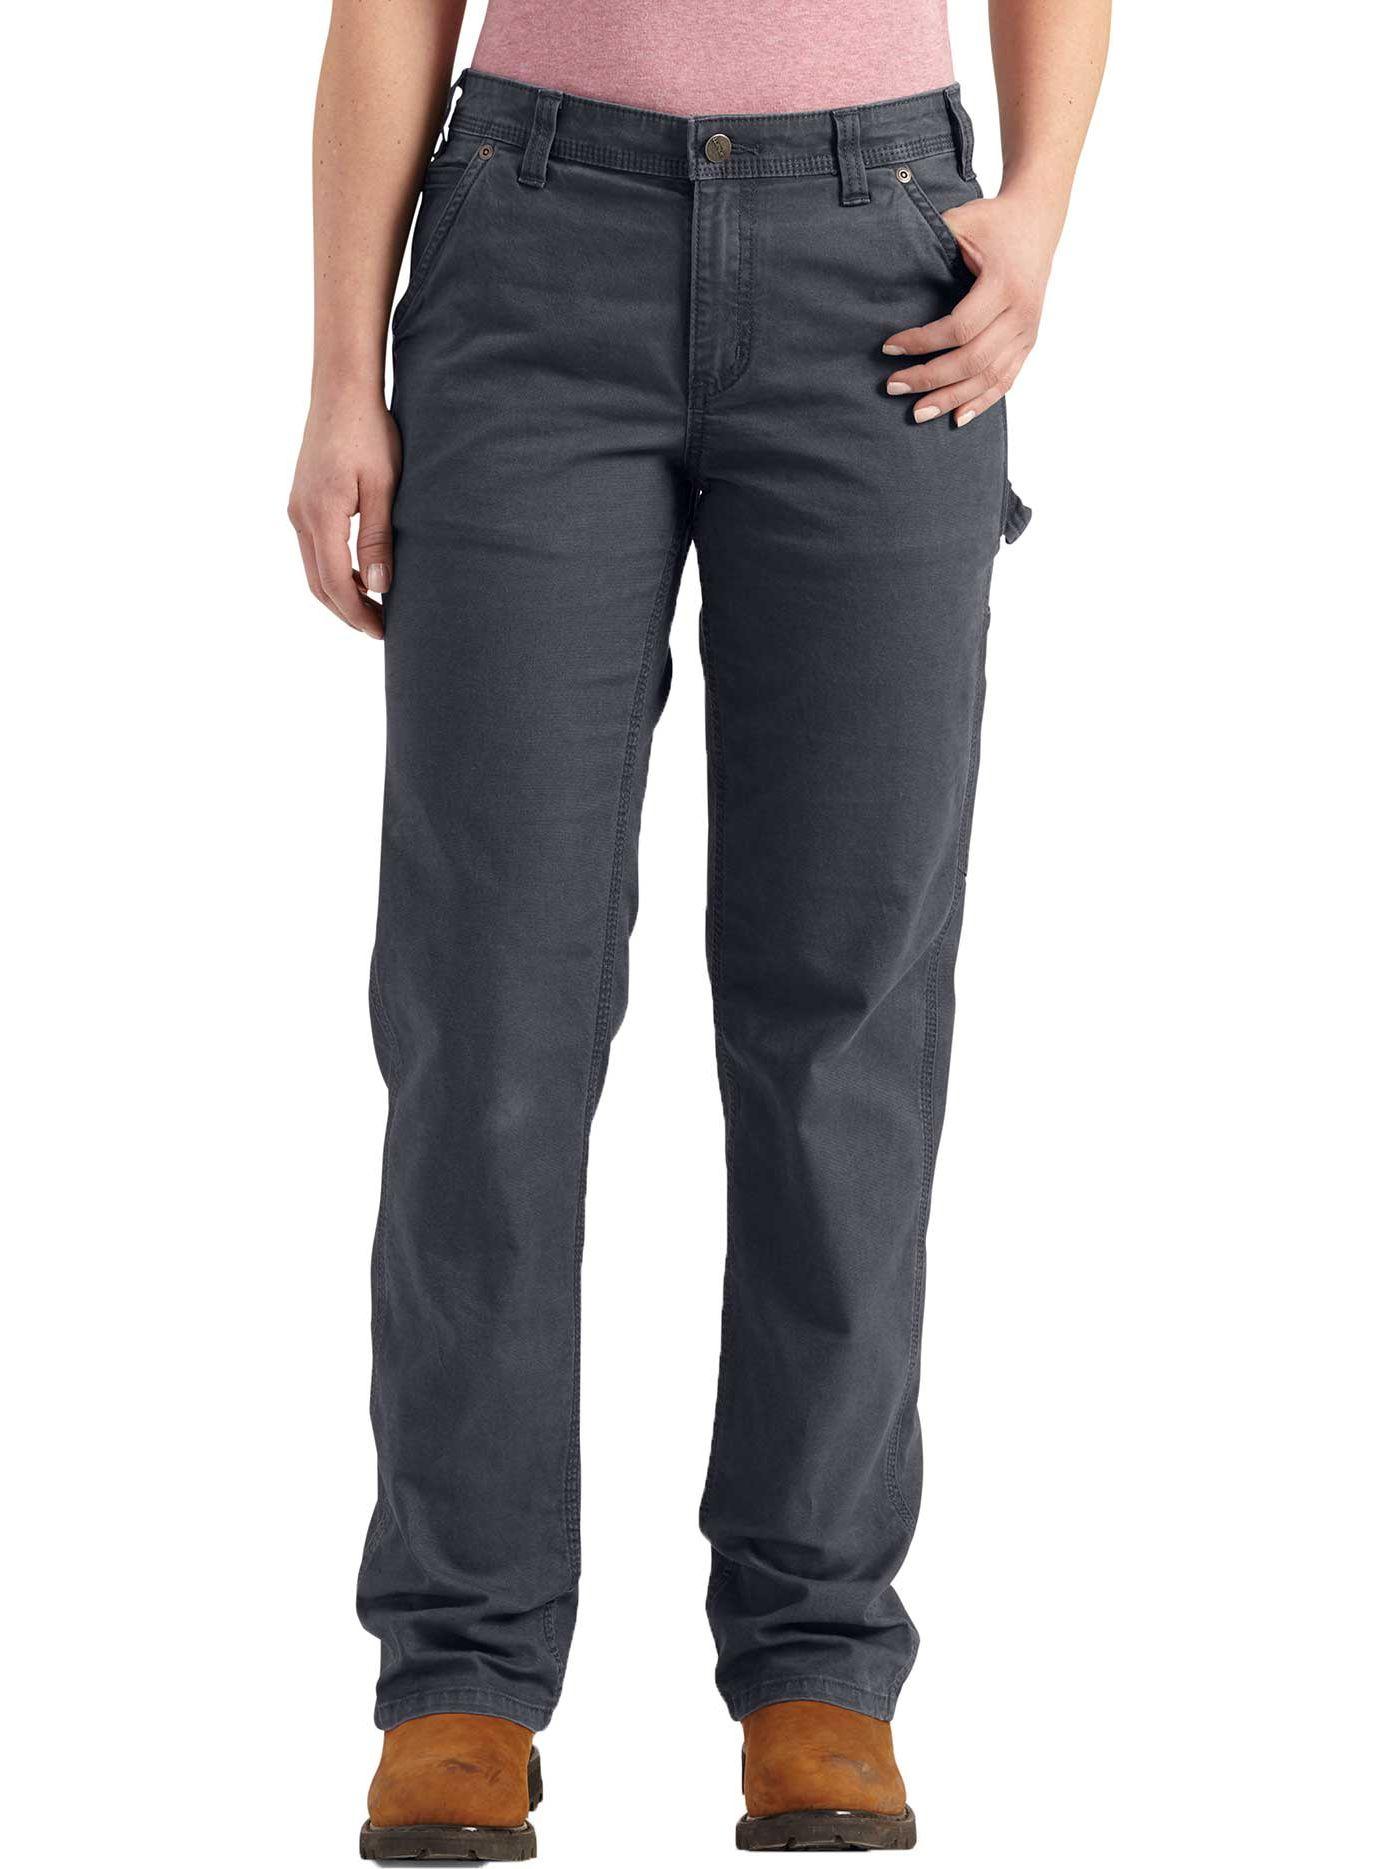 Carhartt Women's Original Fit Crawford Pants